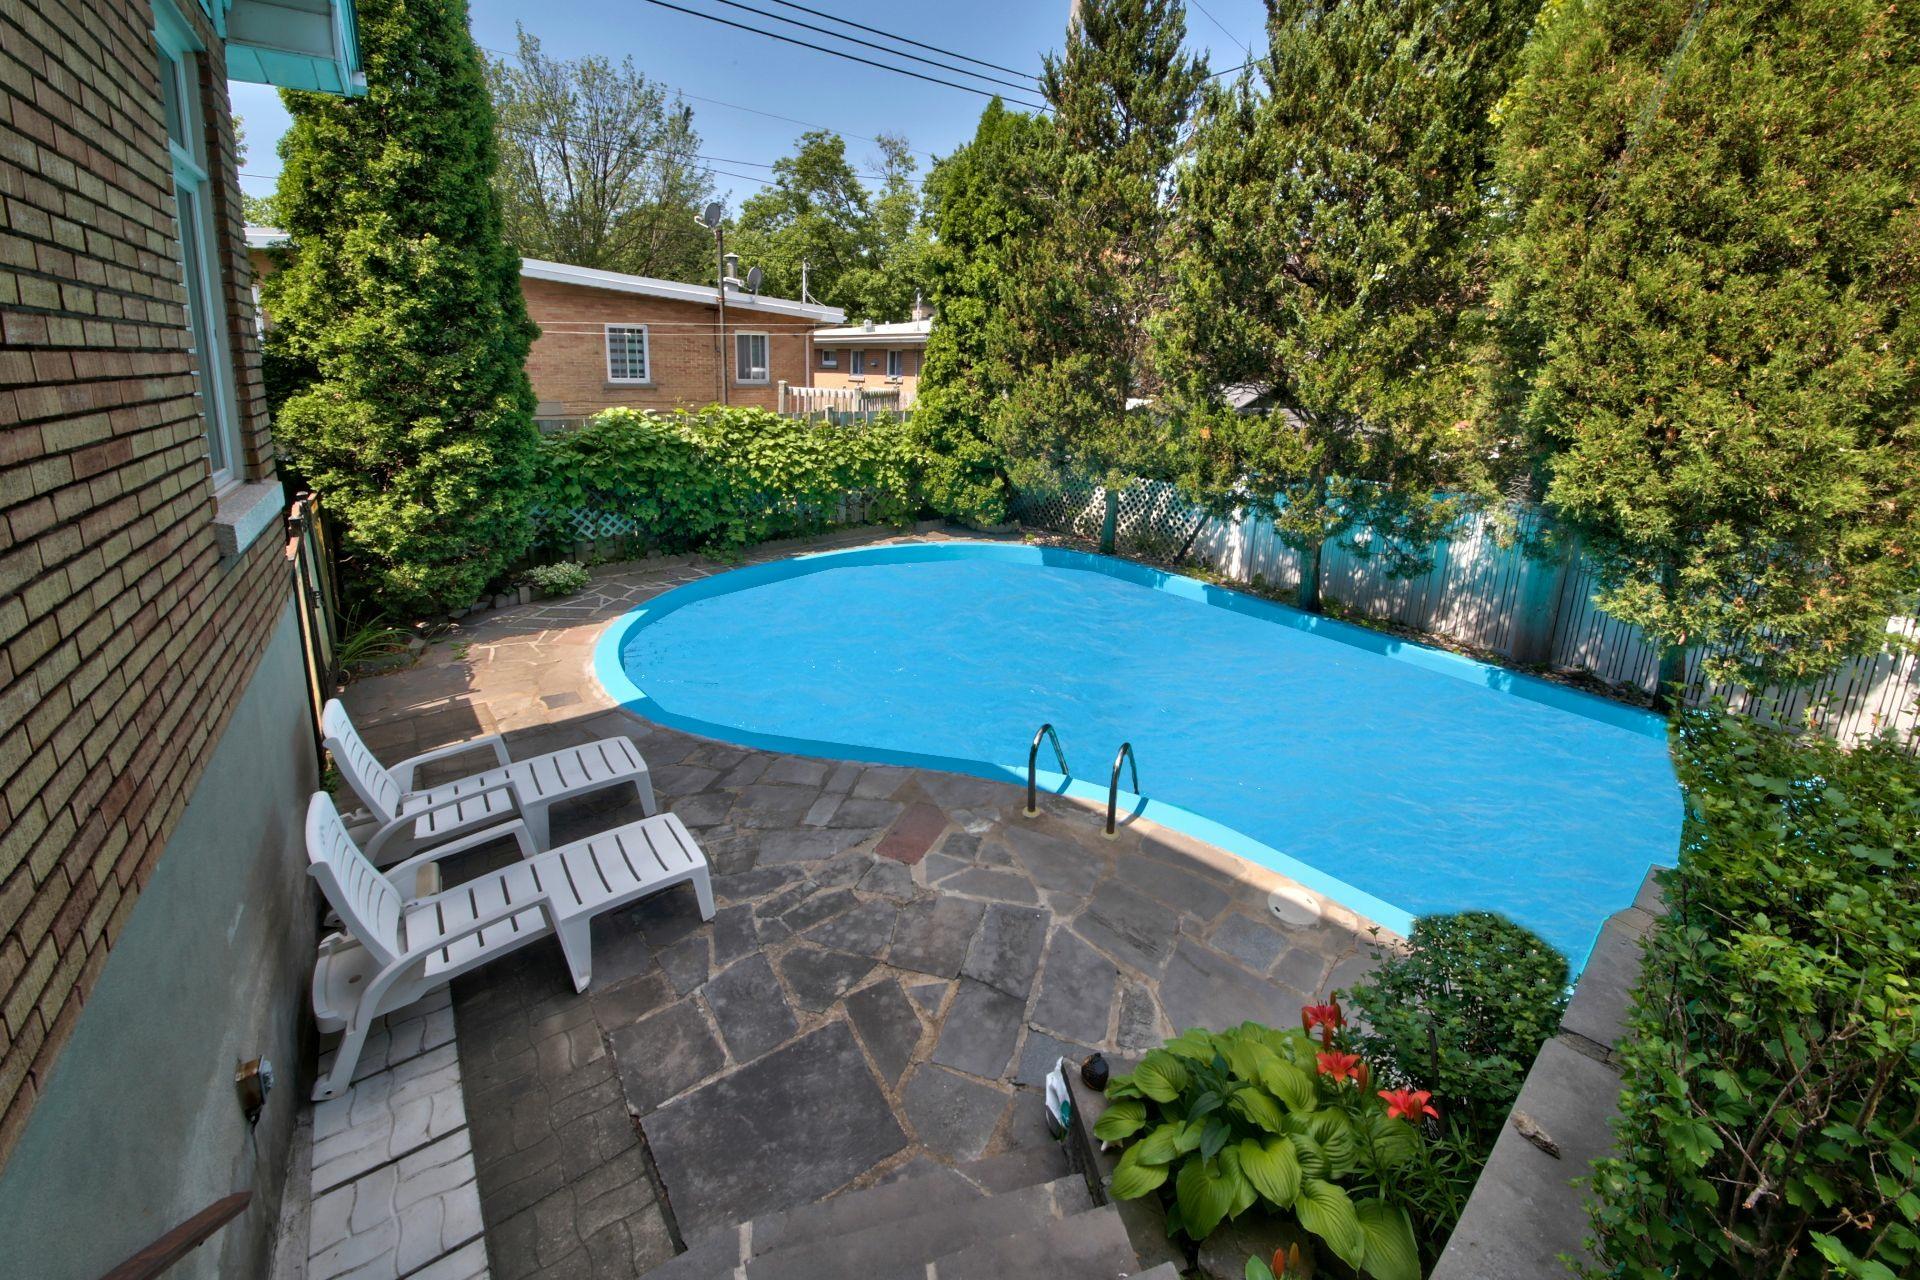 image 25 - House For sale Ahuntsic-Cartierville Montréal  - 11 rooms